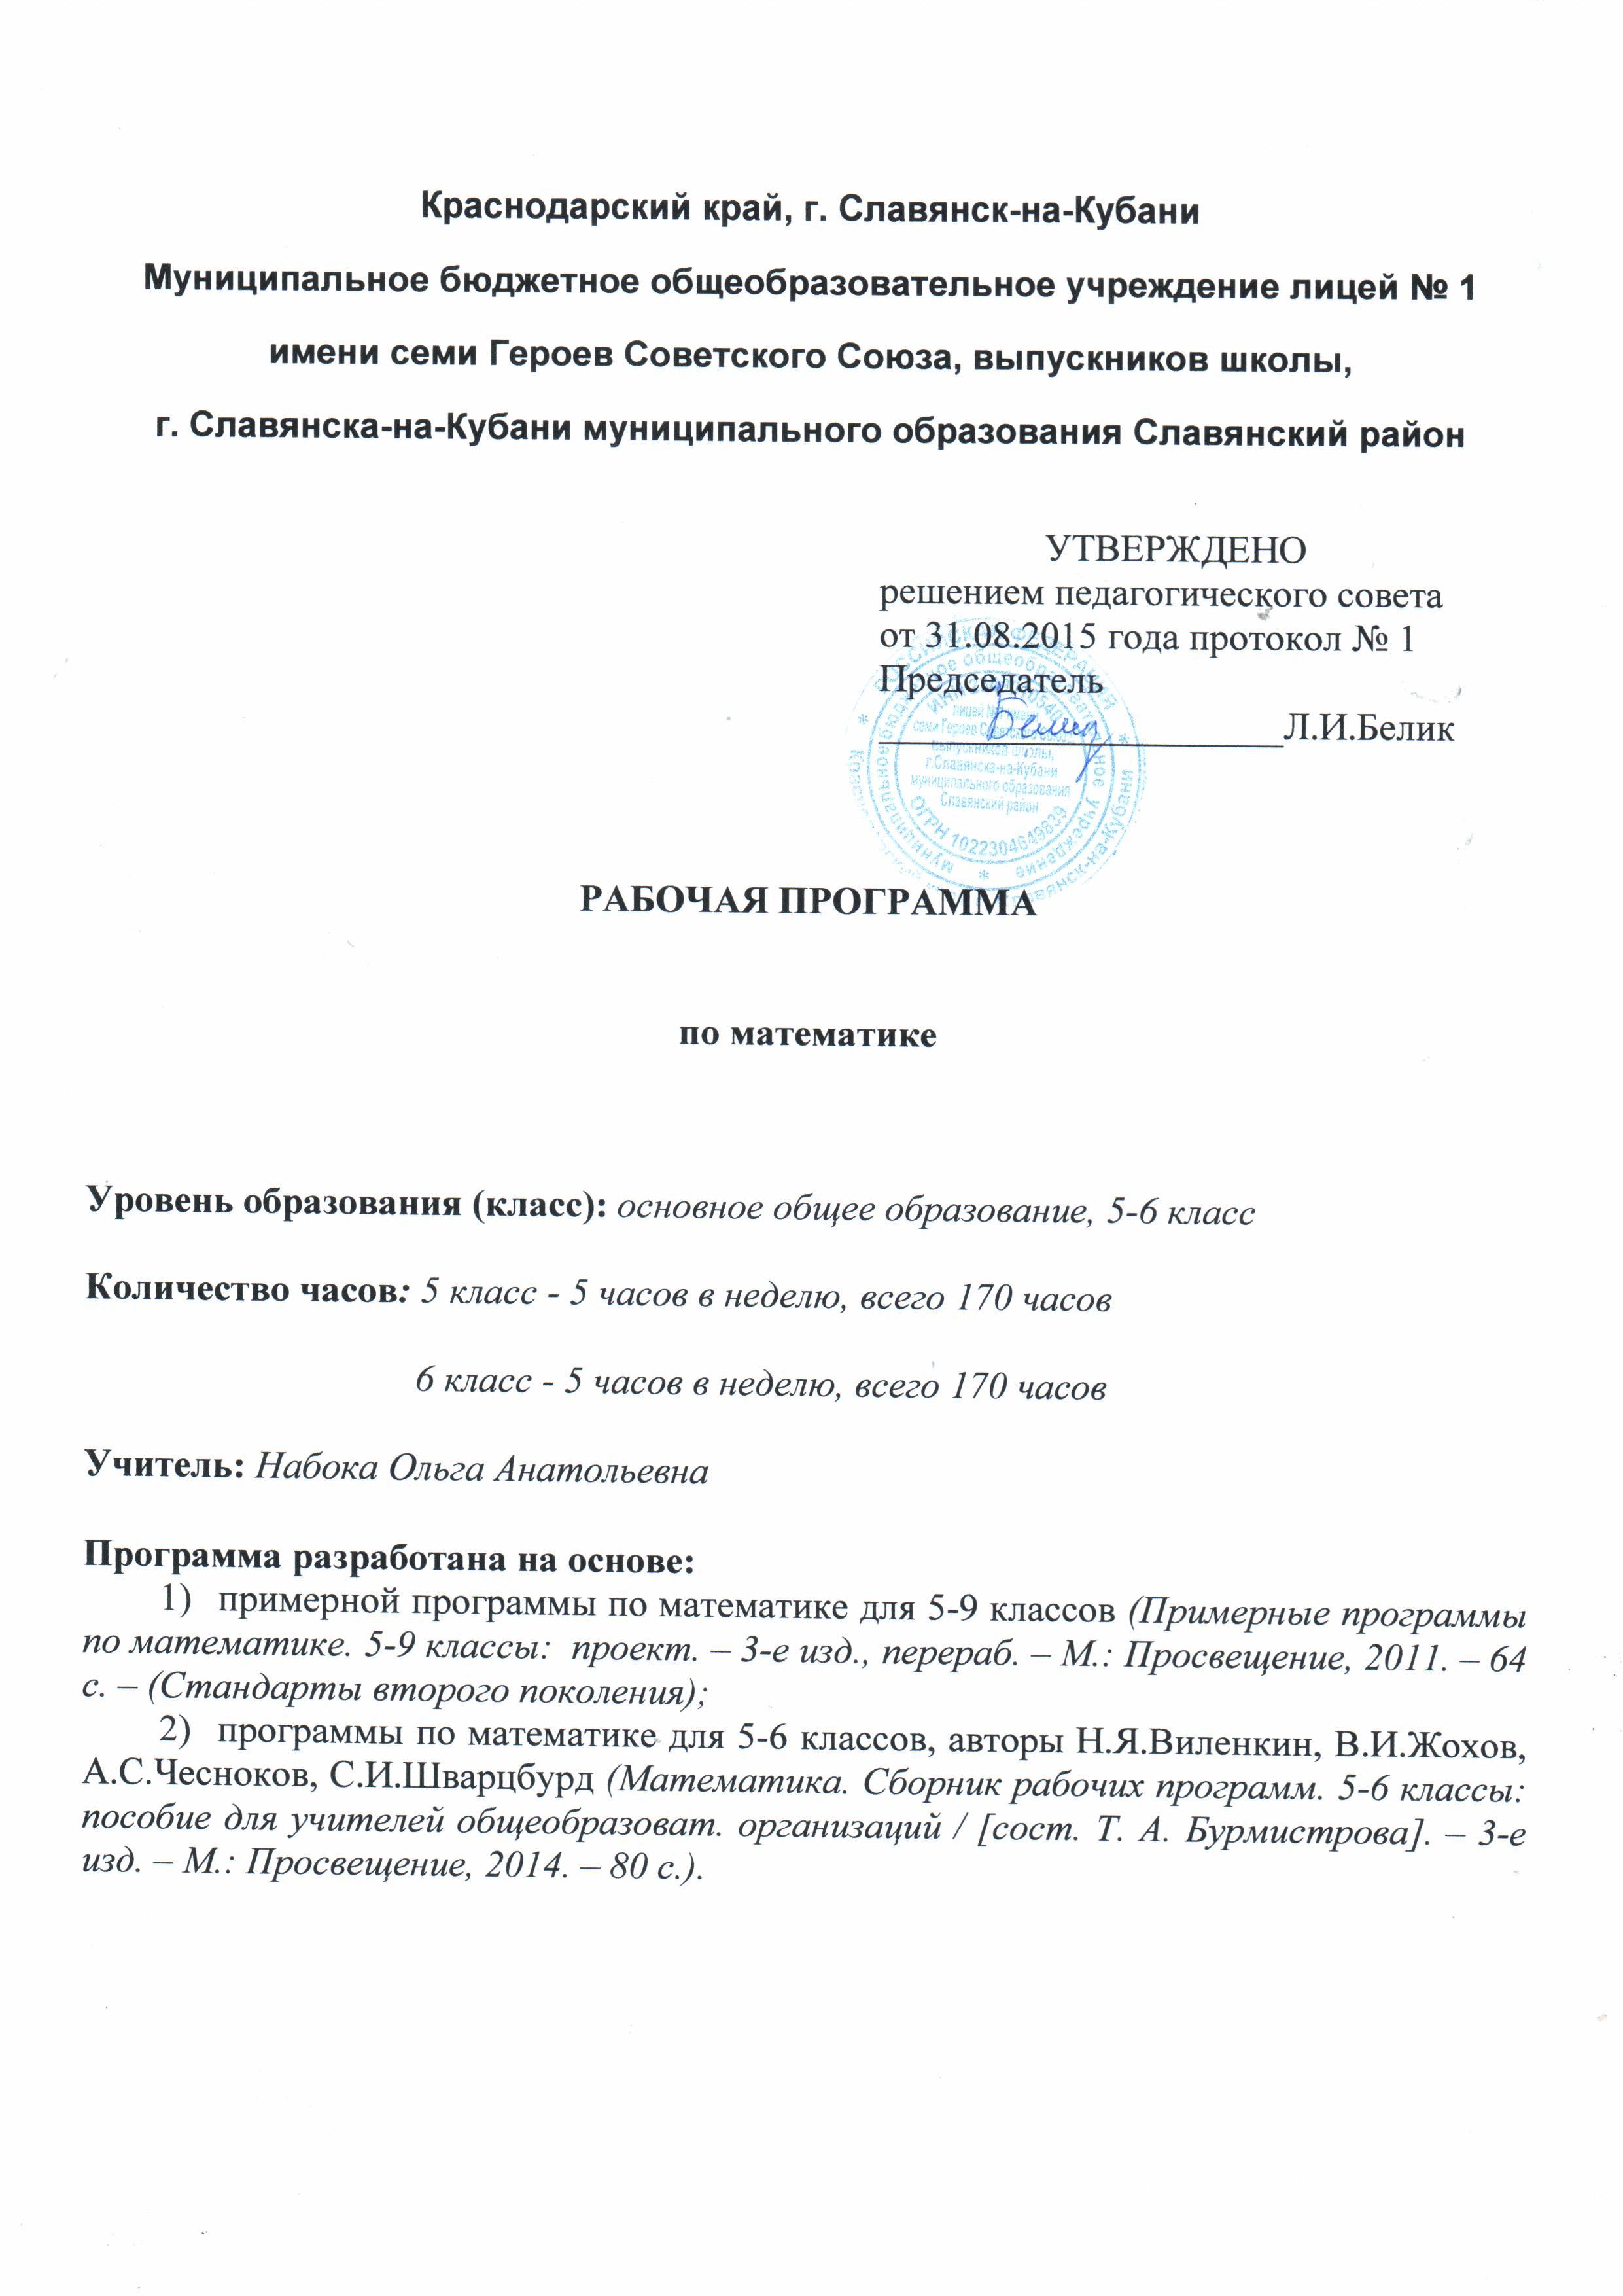 Программа кружка по русскому языку для 5-6 классов